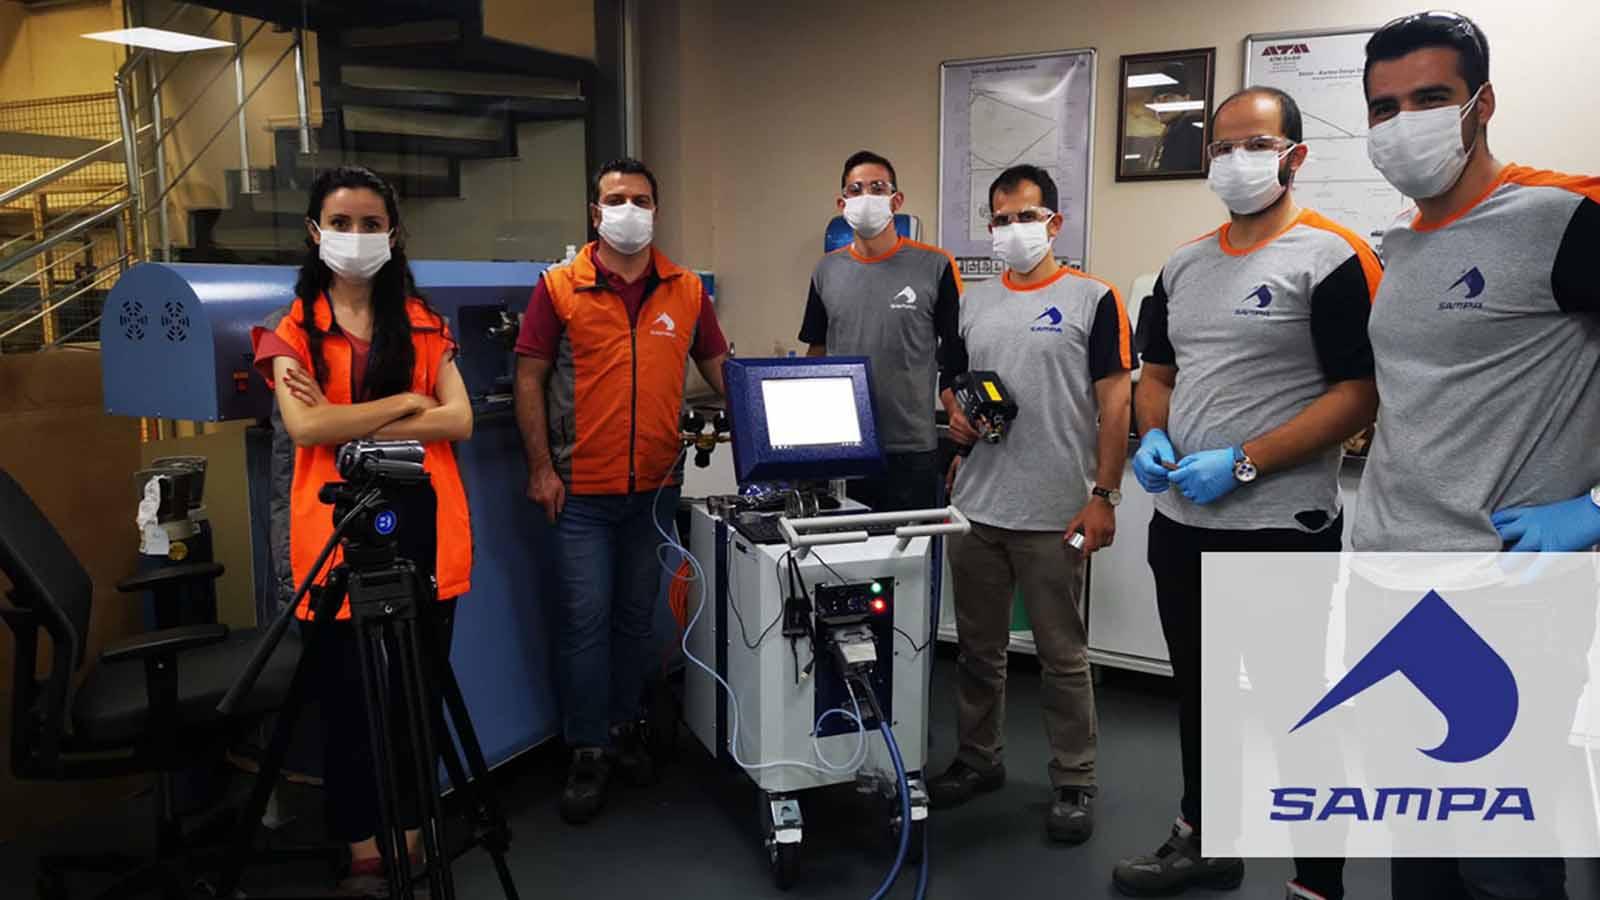 Sampa Otomotiv, Malzeme Giriş Kalite Kontrollerini Hitachi Test Master Pro Taşınabilir Optik Emisyon Spektrometresiyle Yapmaya Başladı!